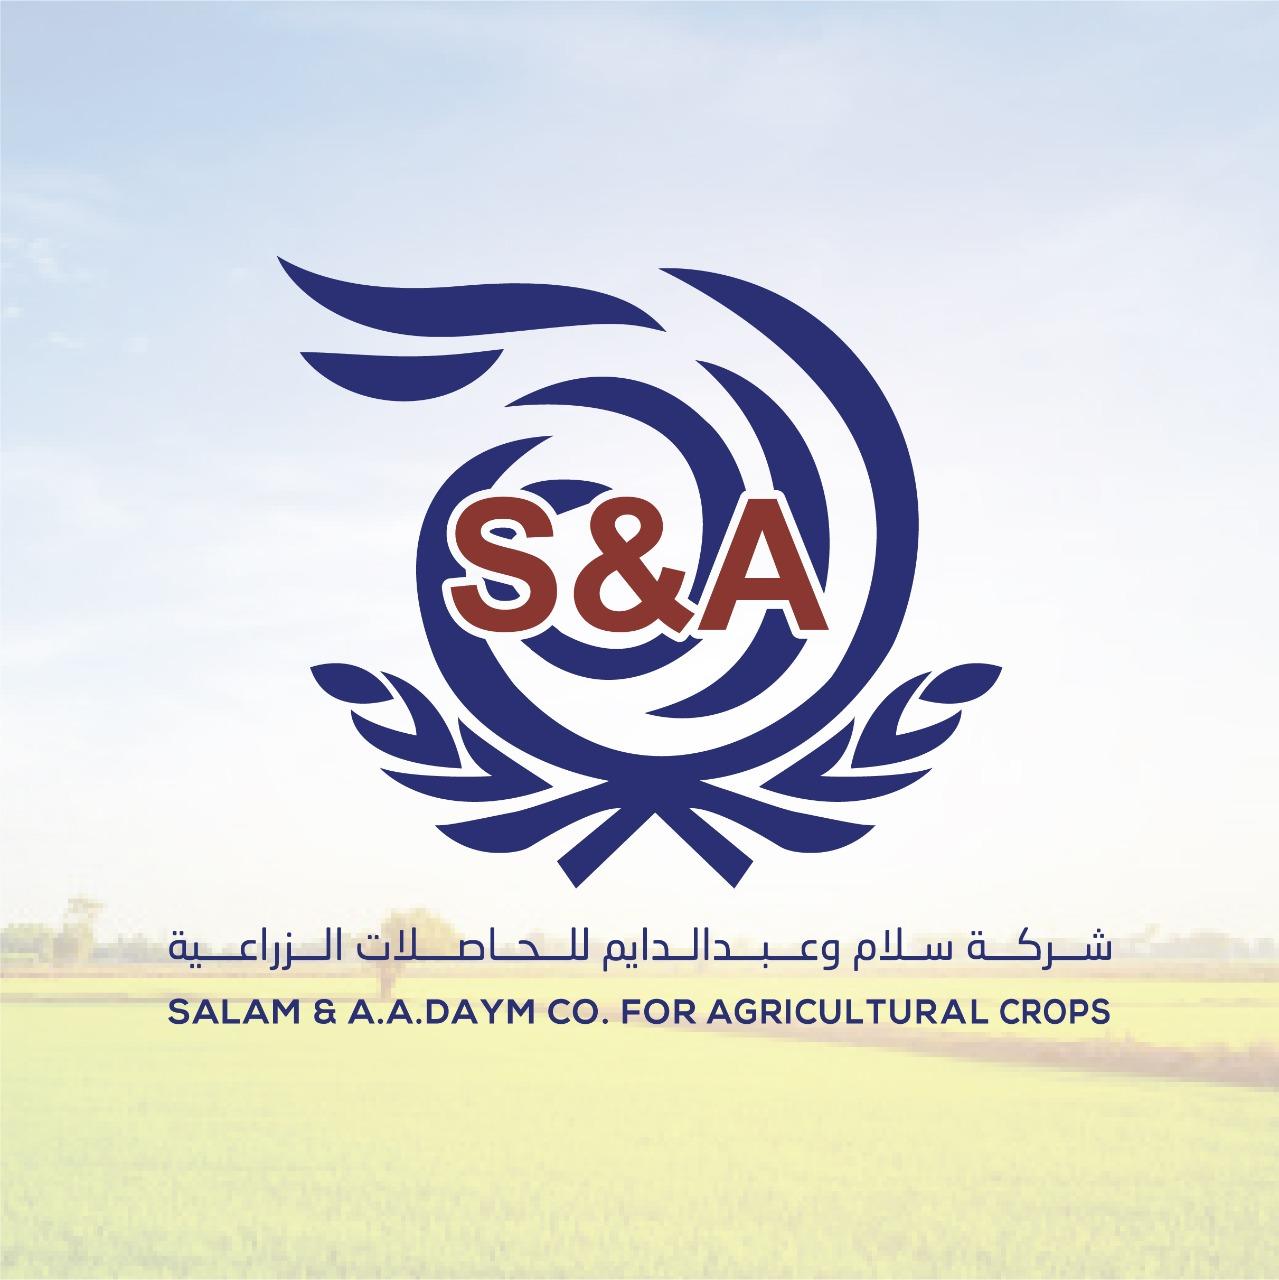 لوجو سلام و عبد الدايم للحاصلات الزراعية